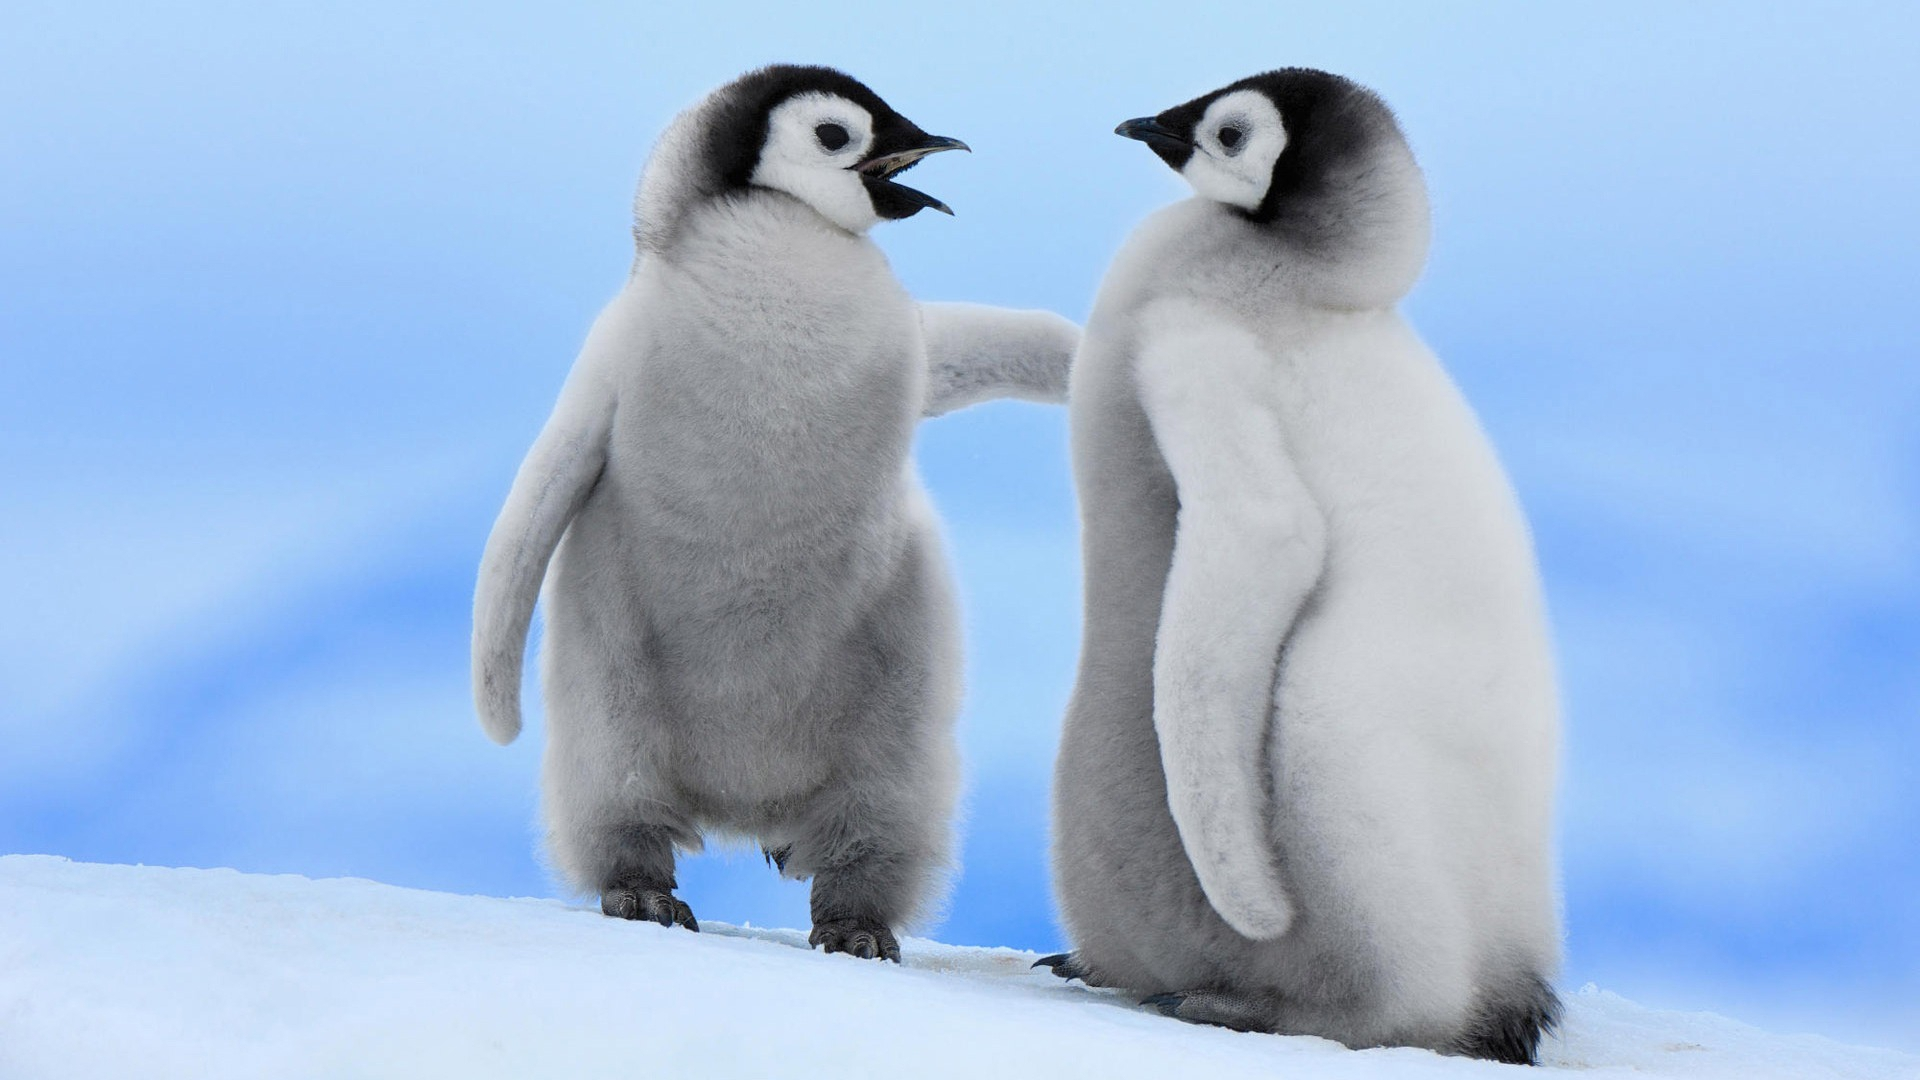 Penguin Wallpapers Hd